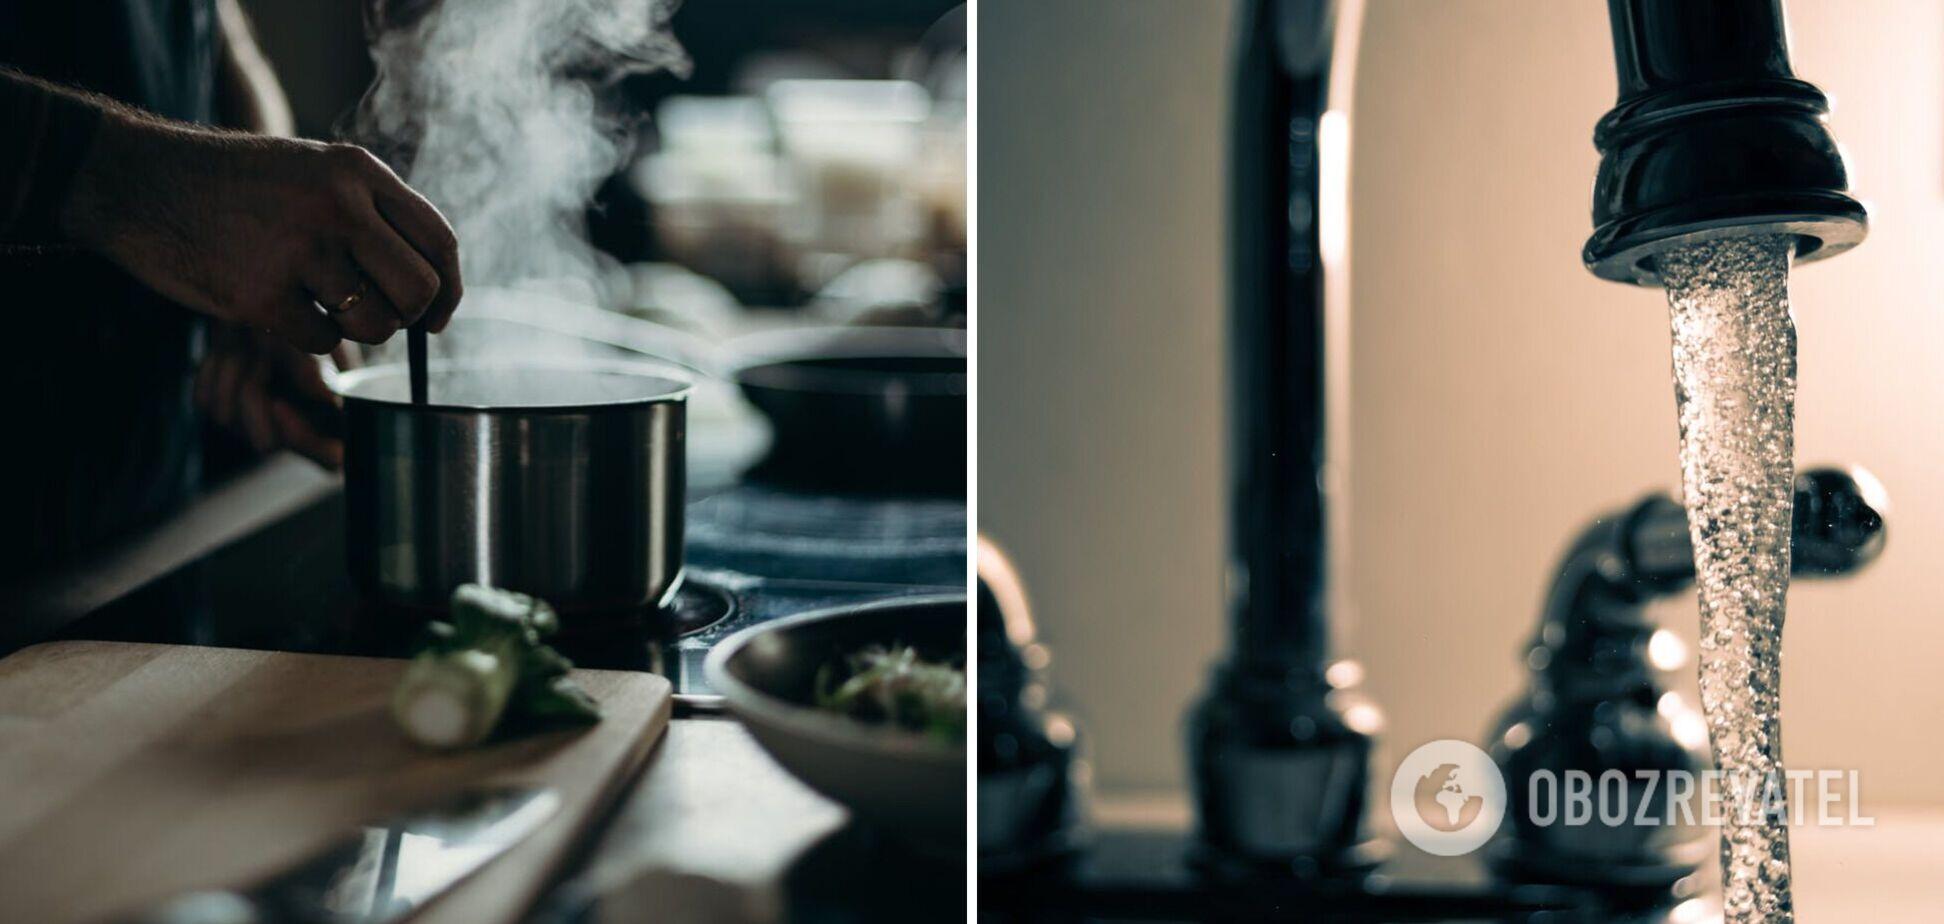 Чому не можна готувати страви на гарячій воді з крану